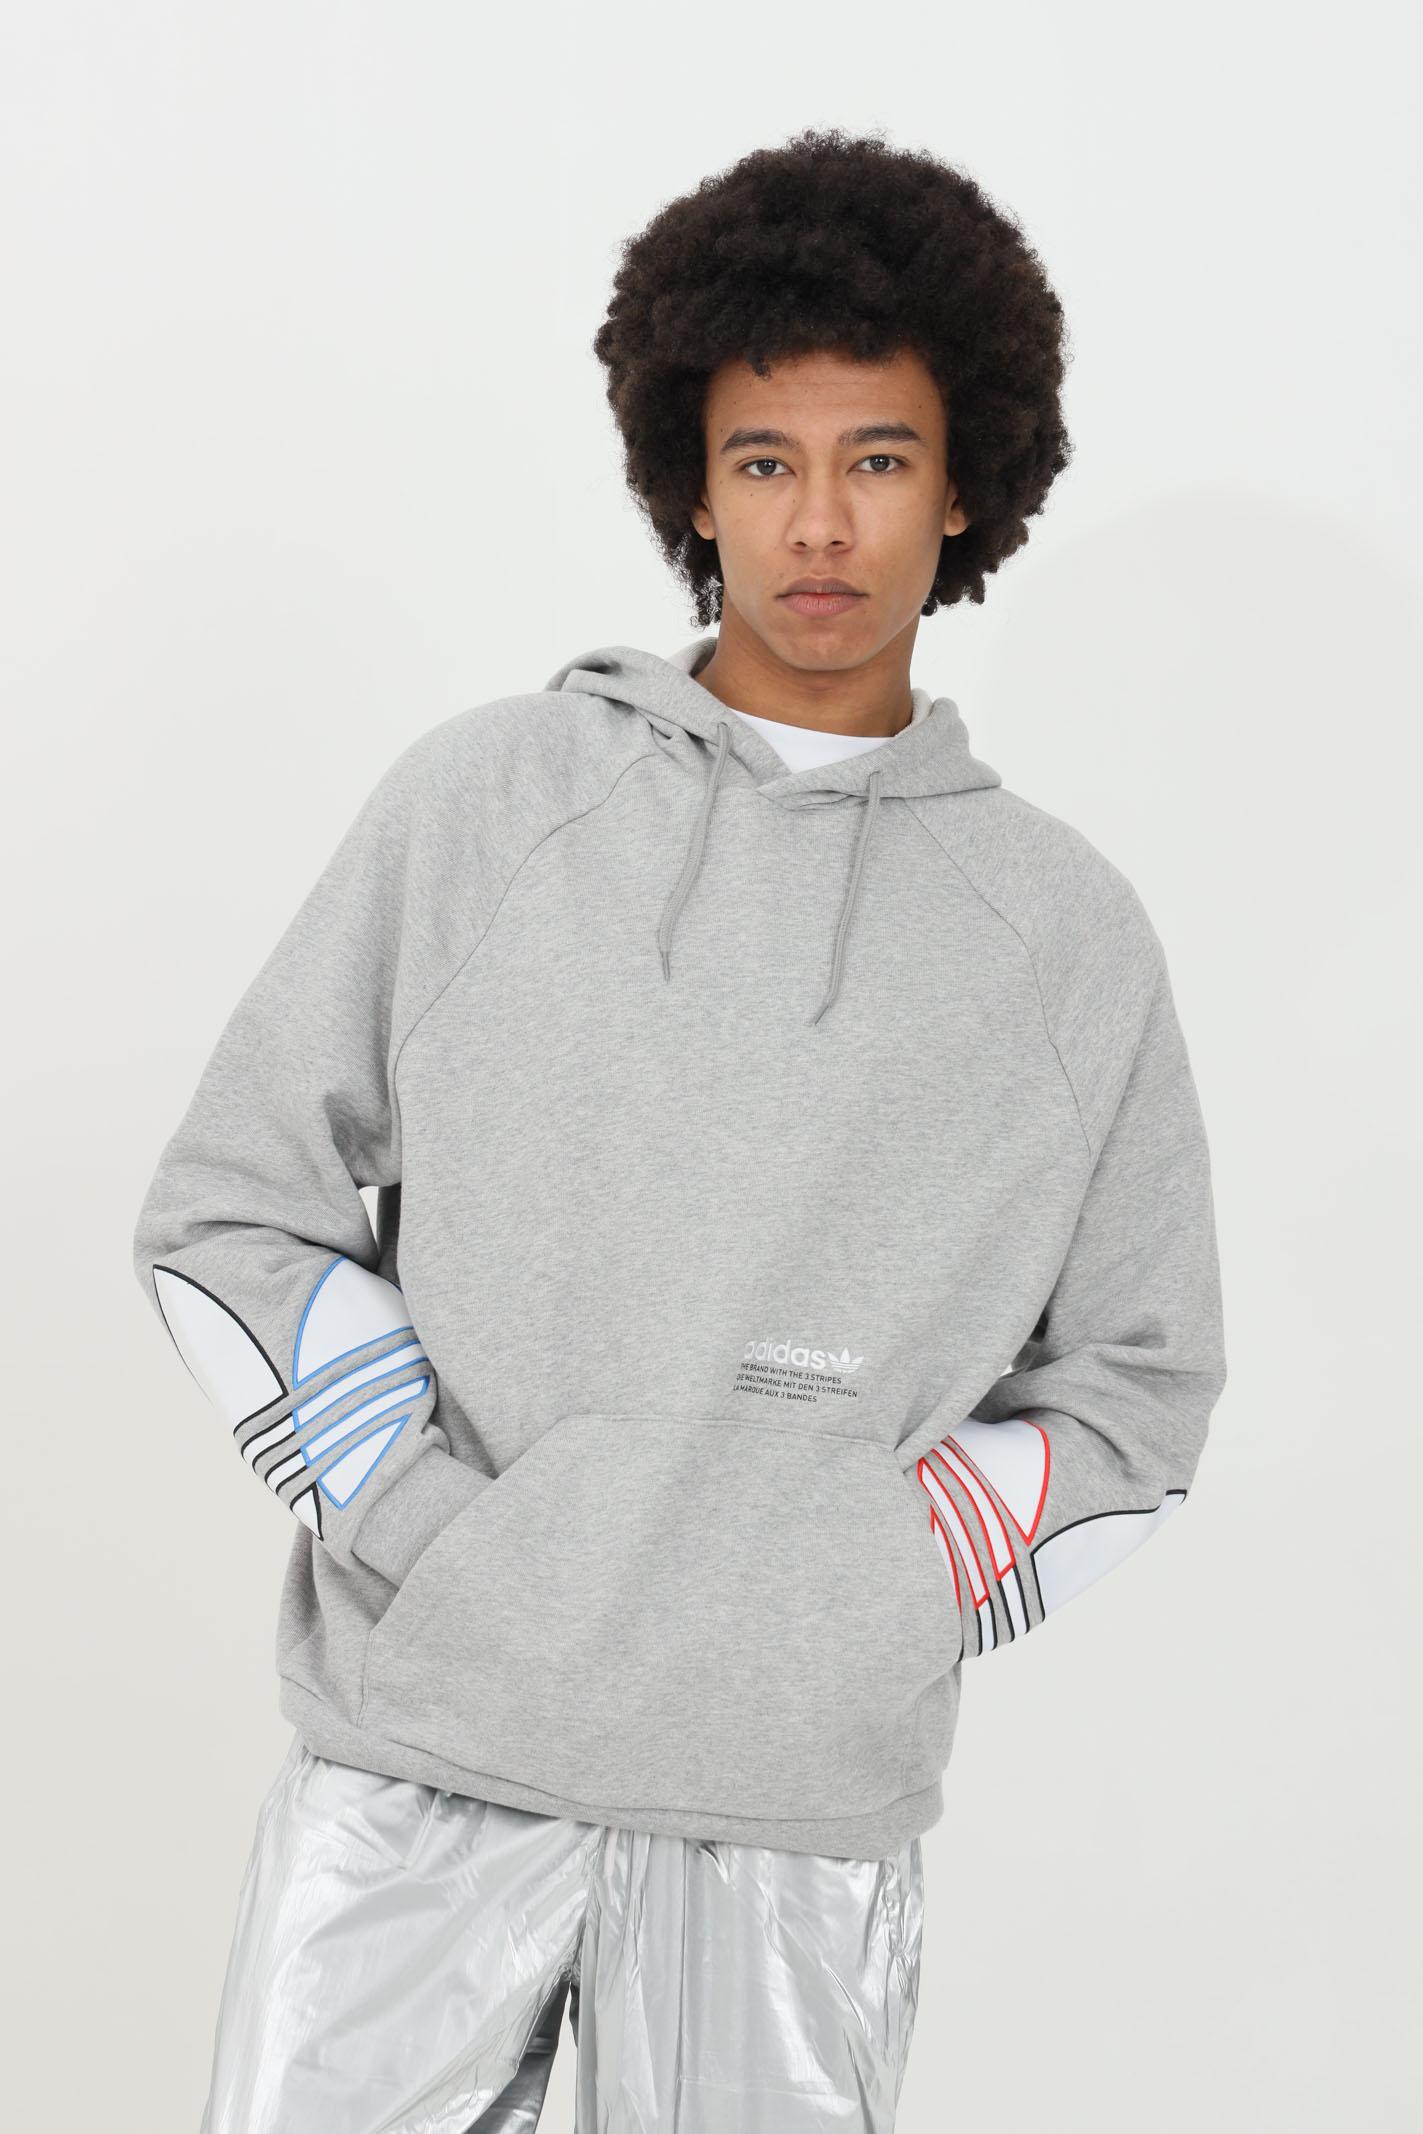 Sweatshirt with cap adicolor tricolor trefoil ADIDAS | Sweatshirt | GN3571.